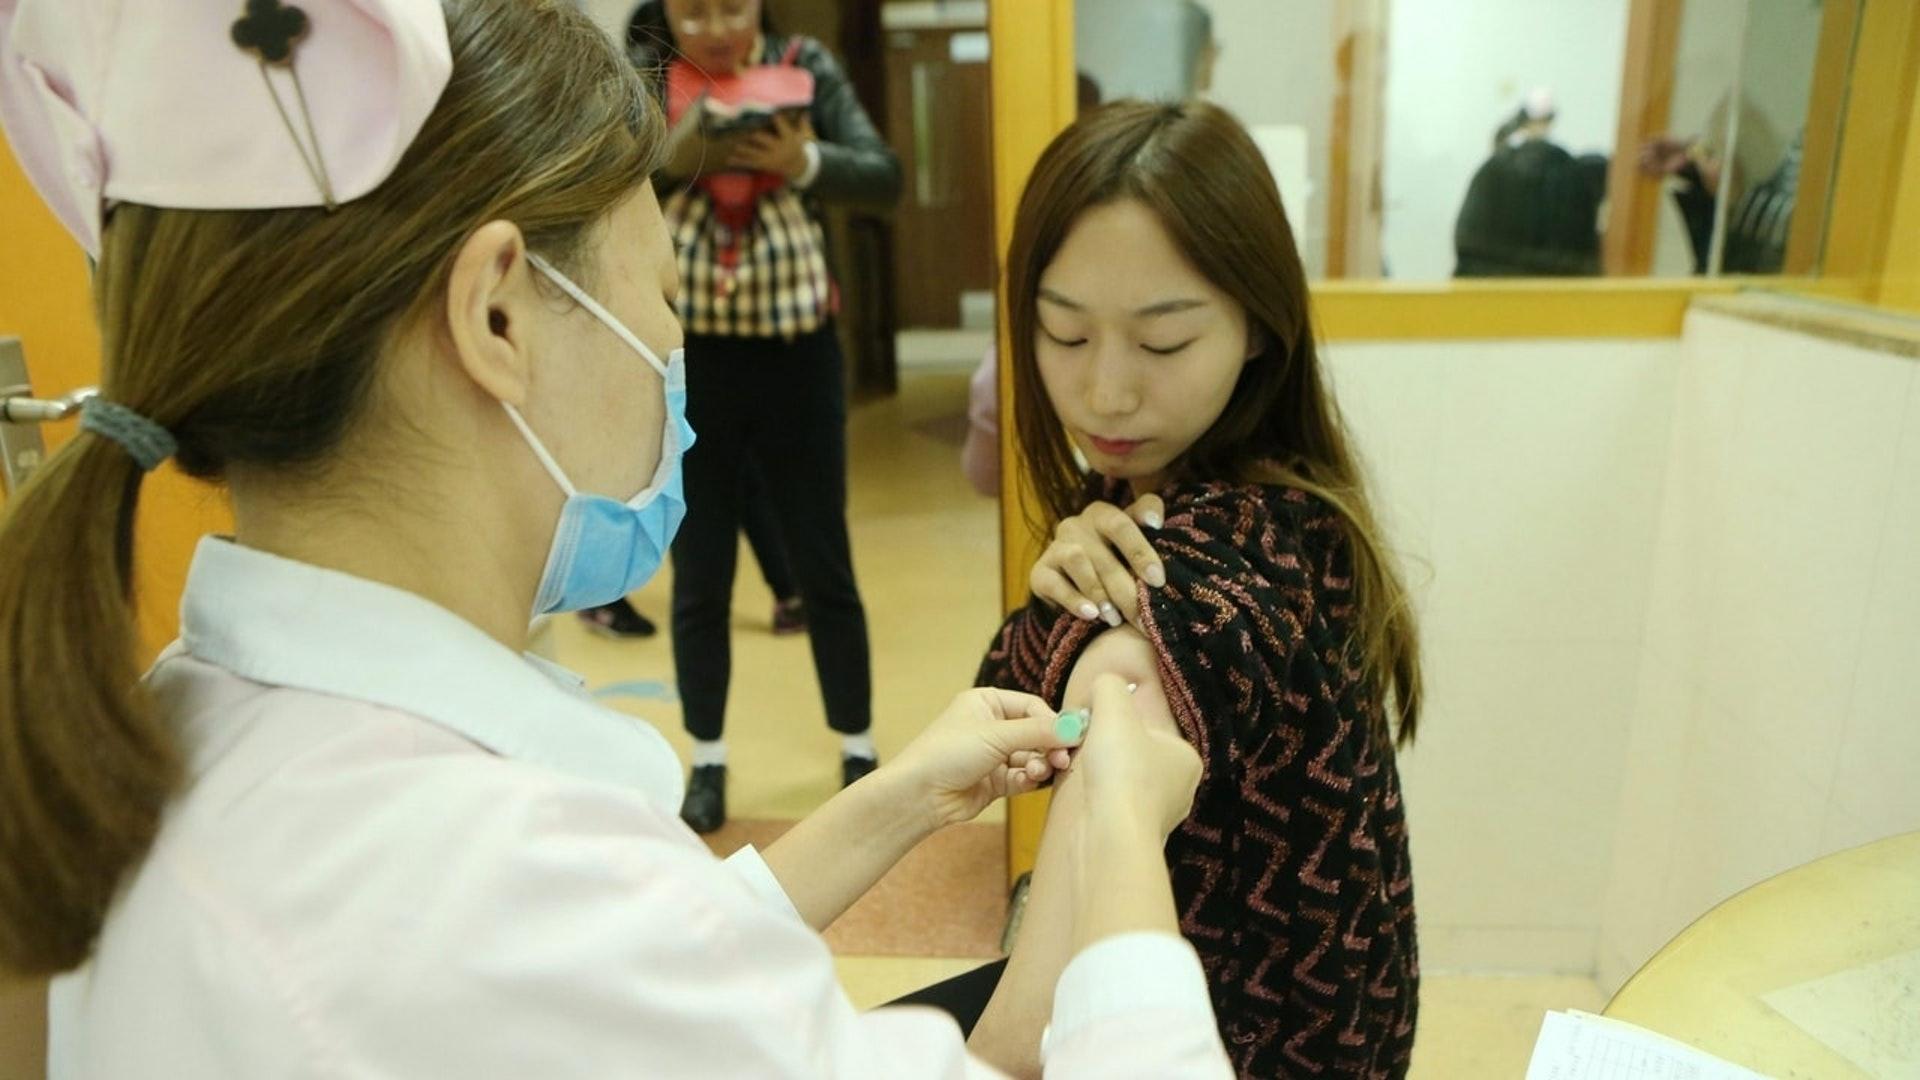 現時本港共有三款已註冊的HPV疫苗,分別是二價、四價、九價。(資料圖片)